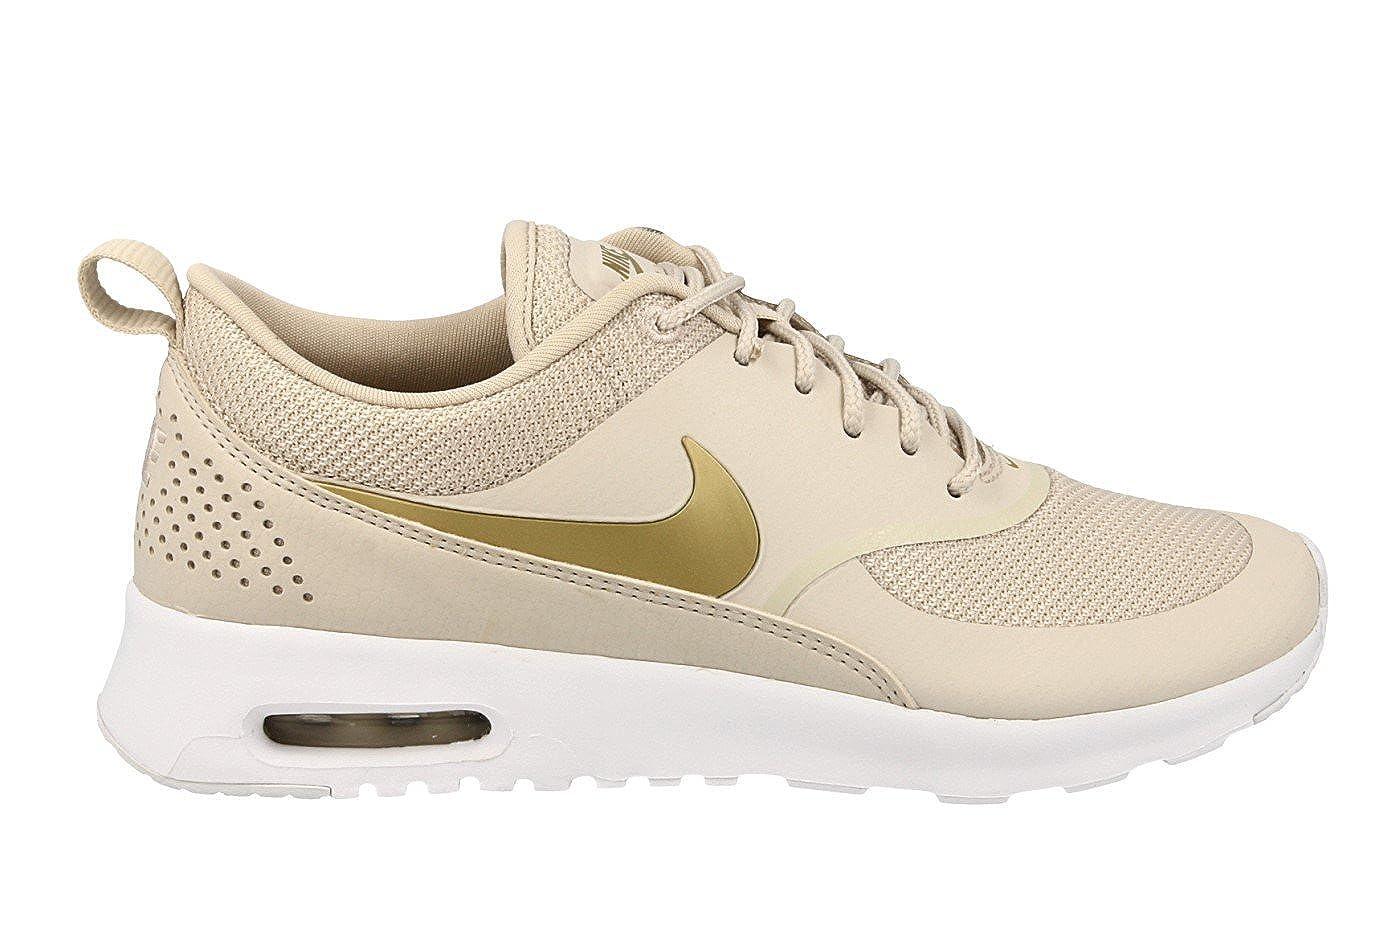 Nike Wmns Air Max Thea J AJ2010 001